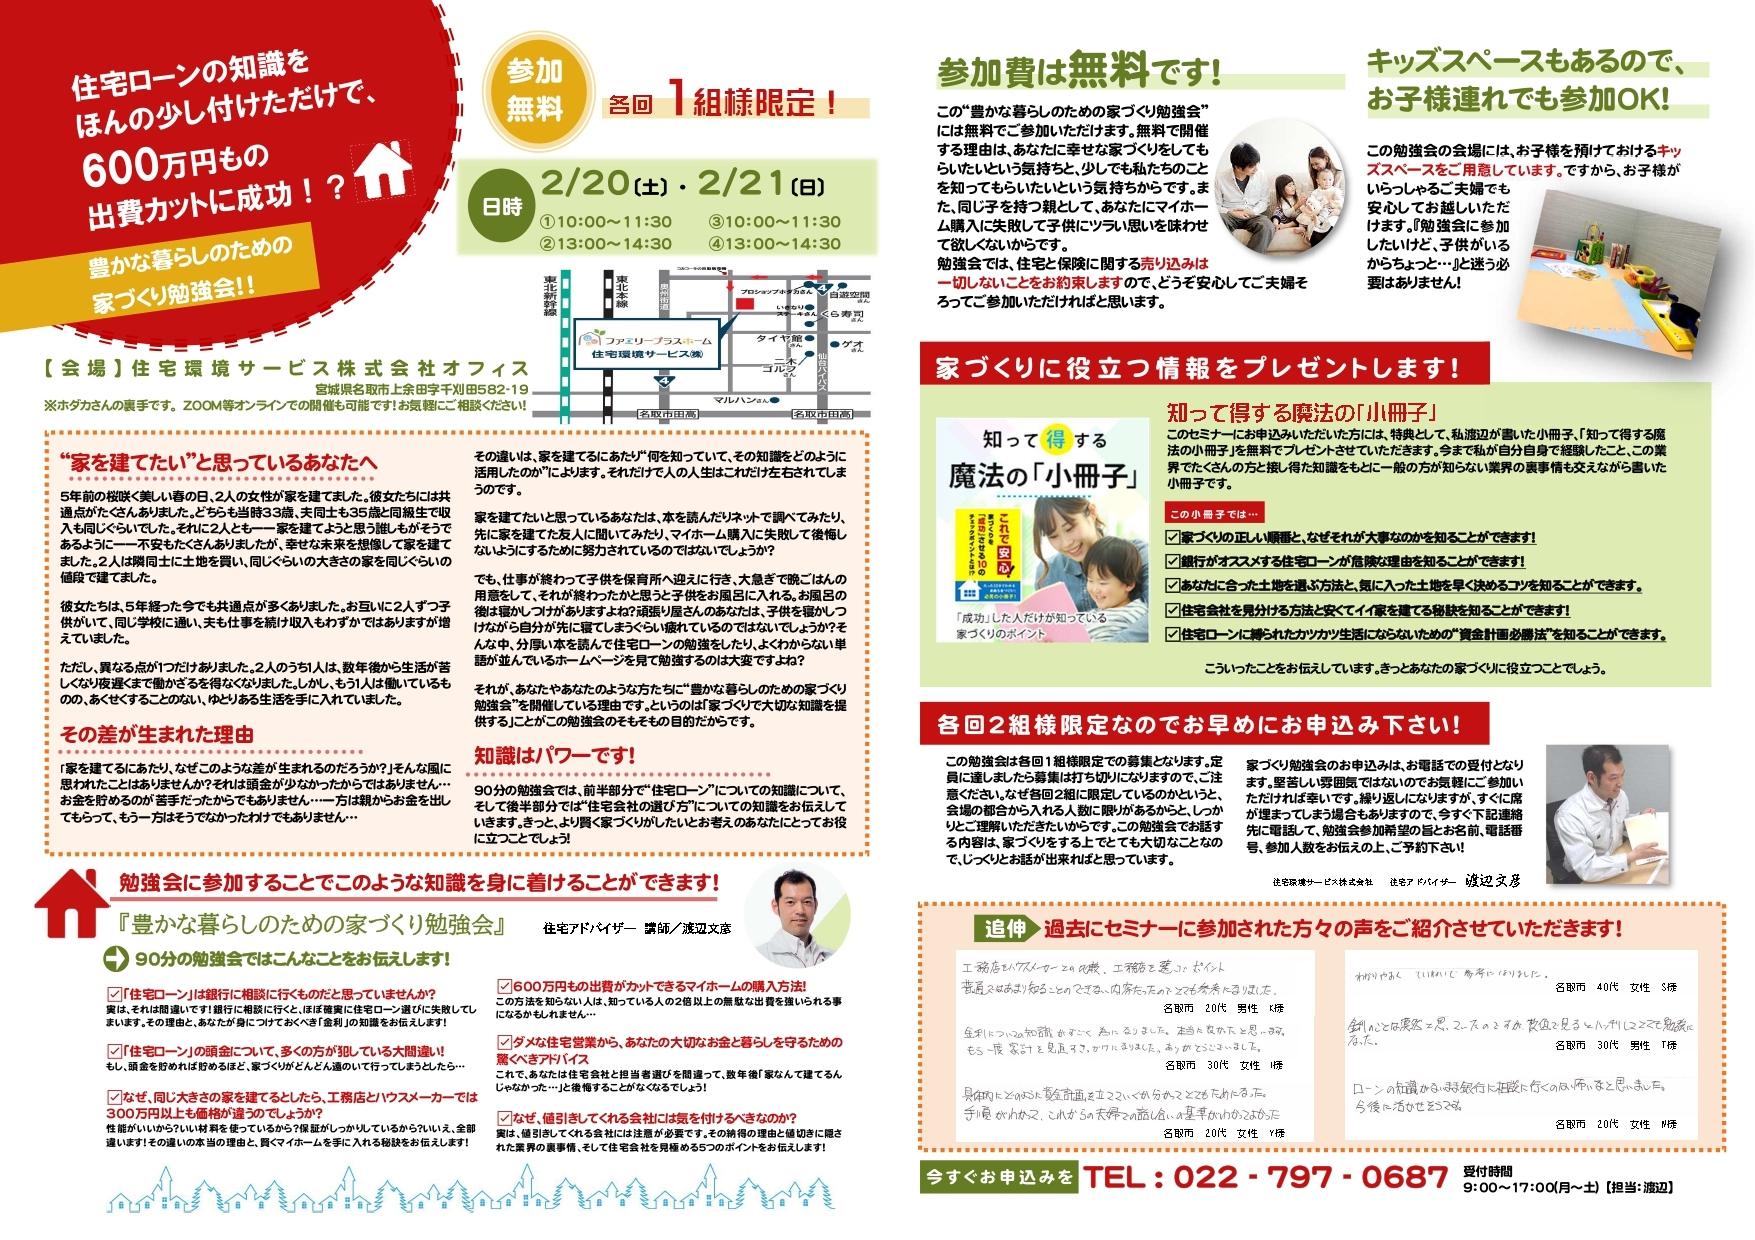 http://www.jutakukankyo-service.jp/6e103f89287b0e4f922901238bad44aeb0a13908.jpg